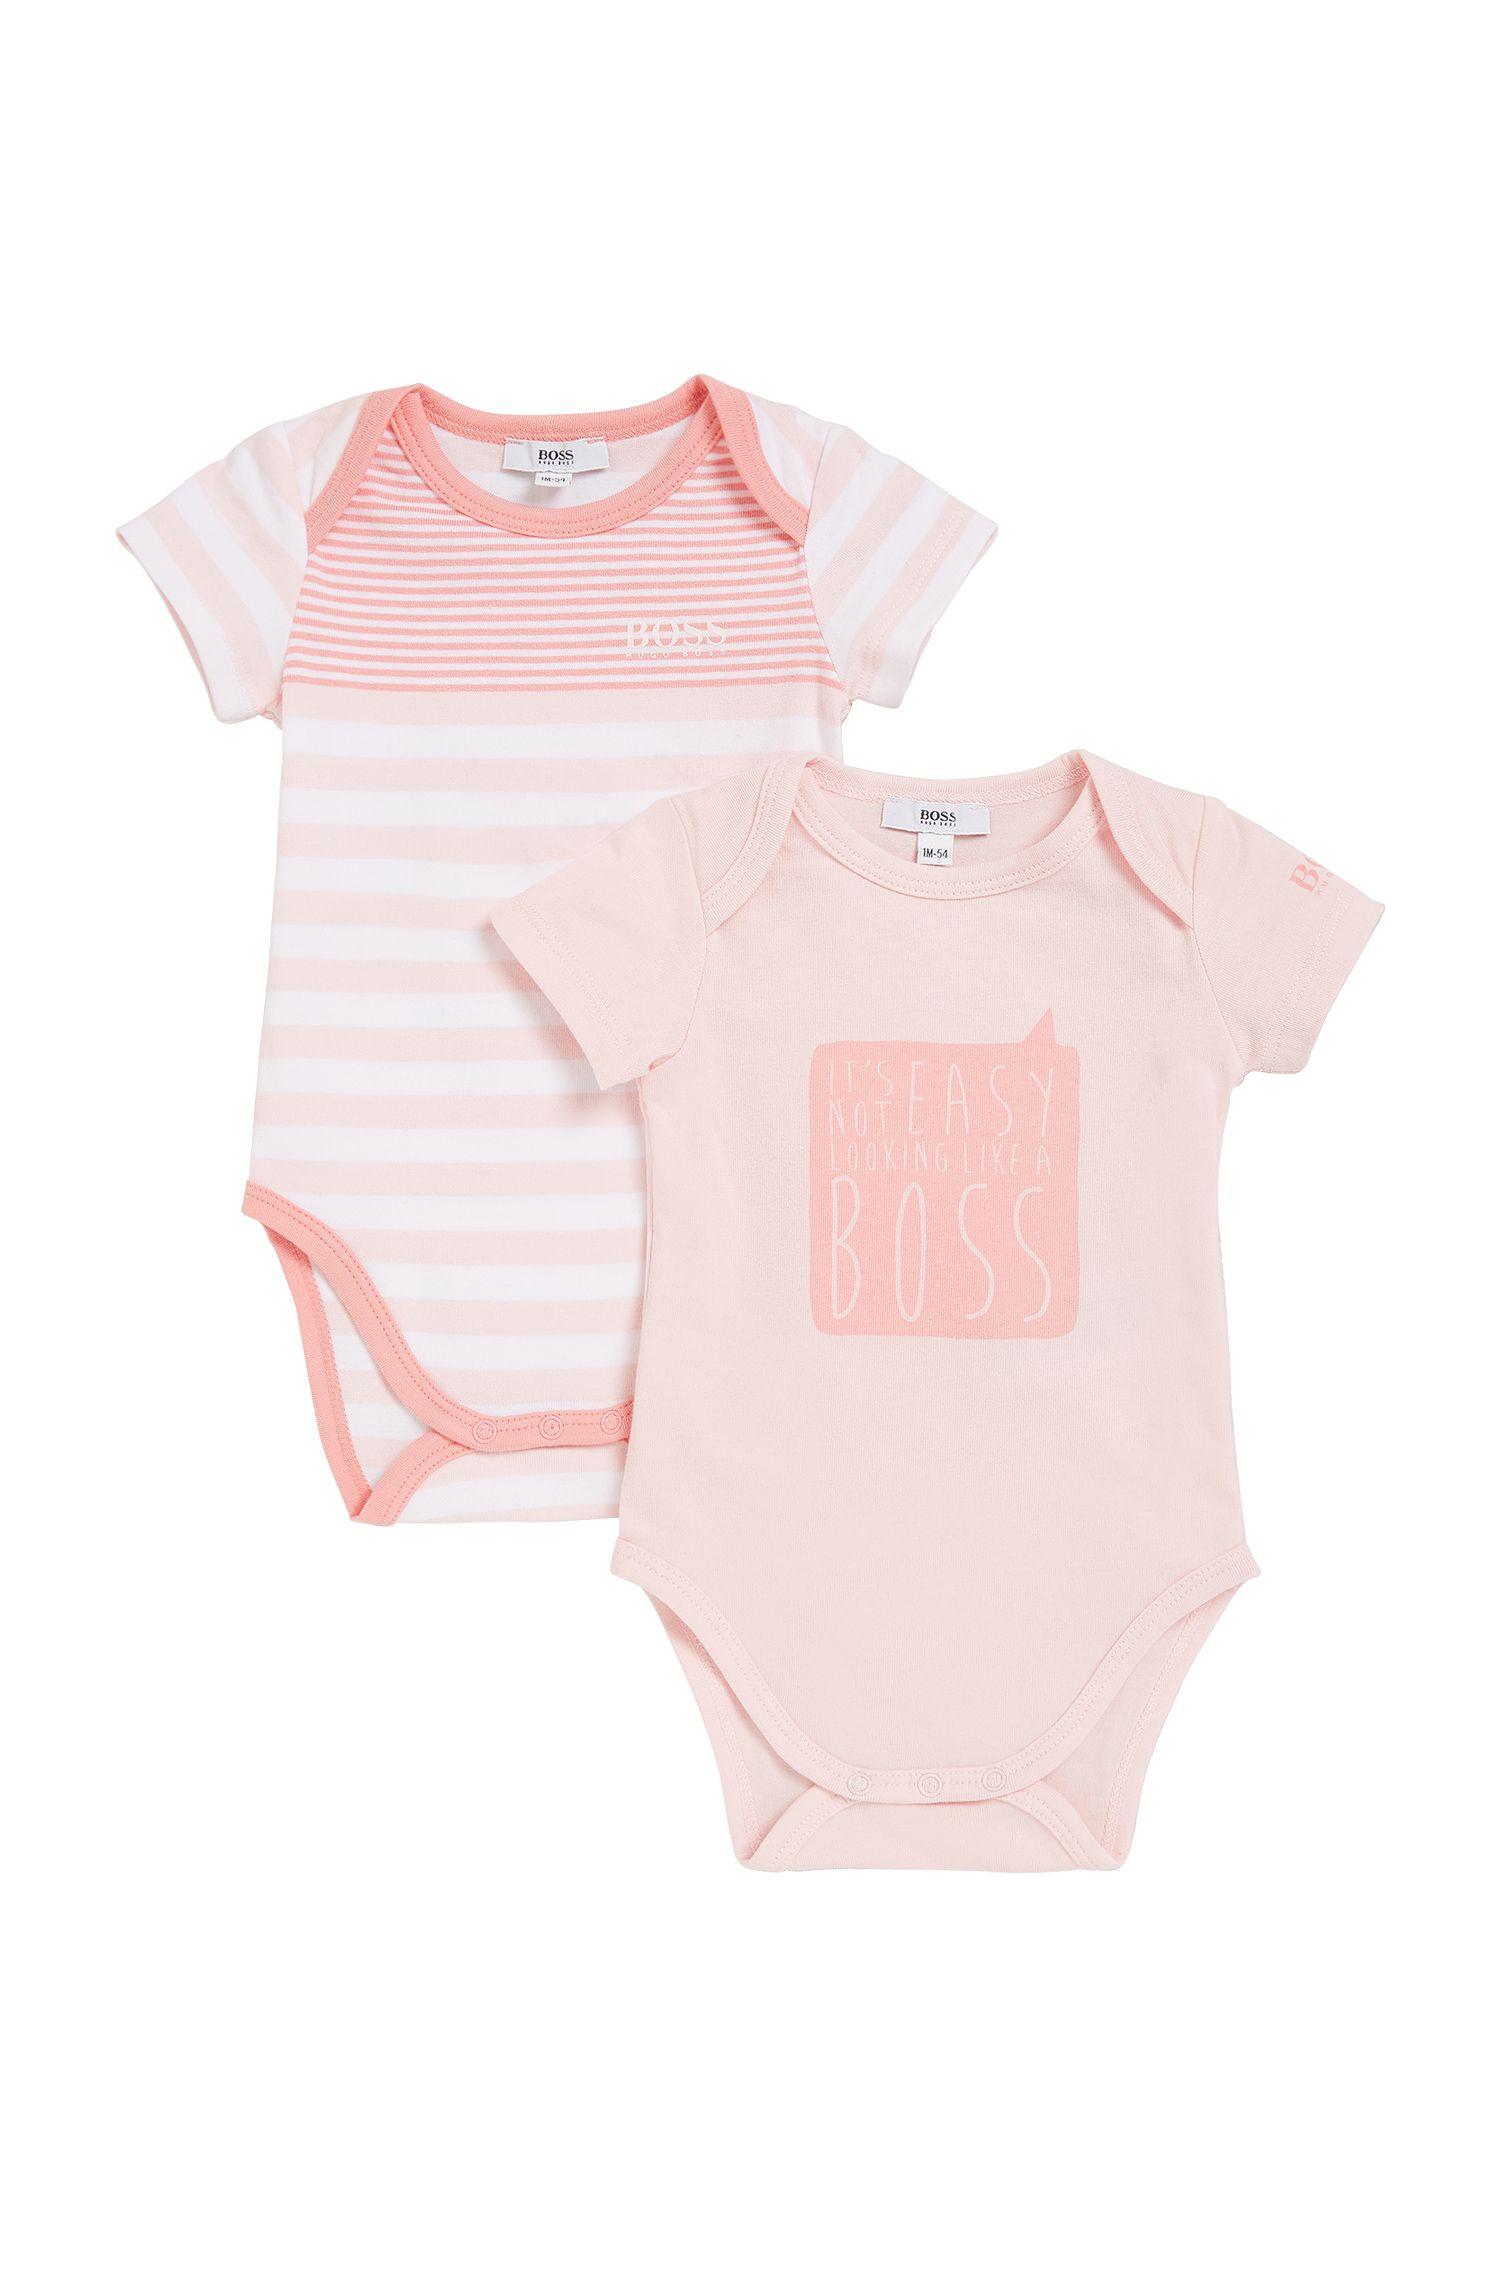 Lot de deux bodies pour bébé en jersey simple